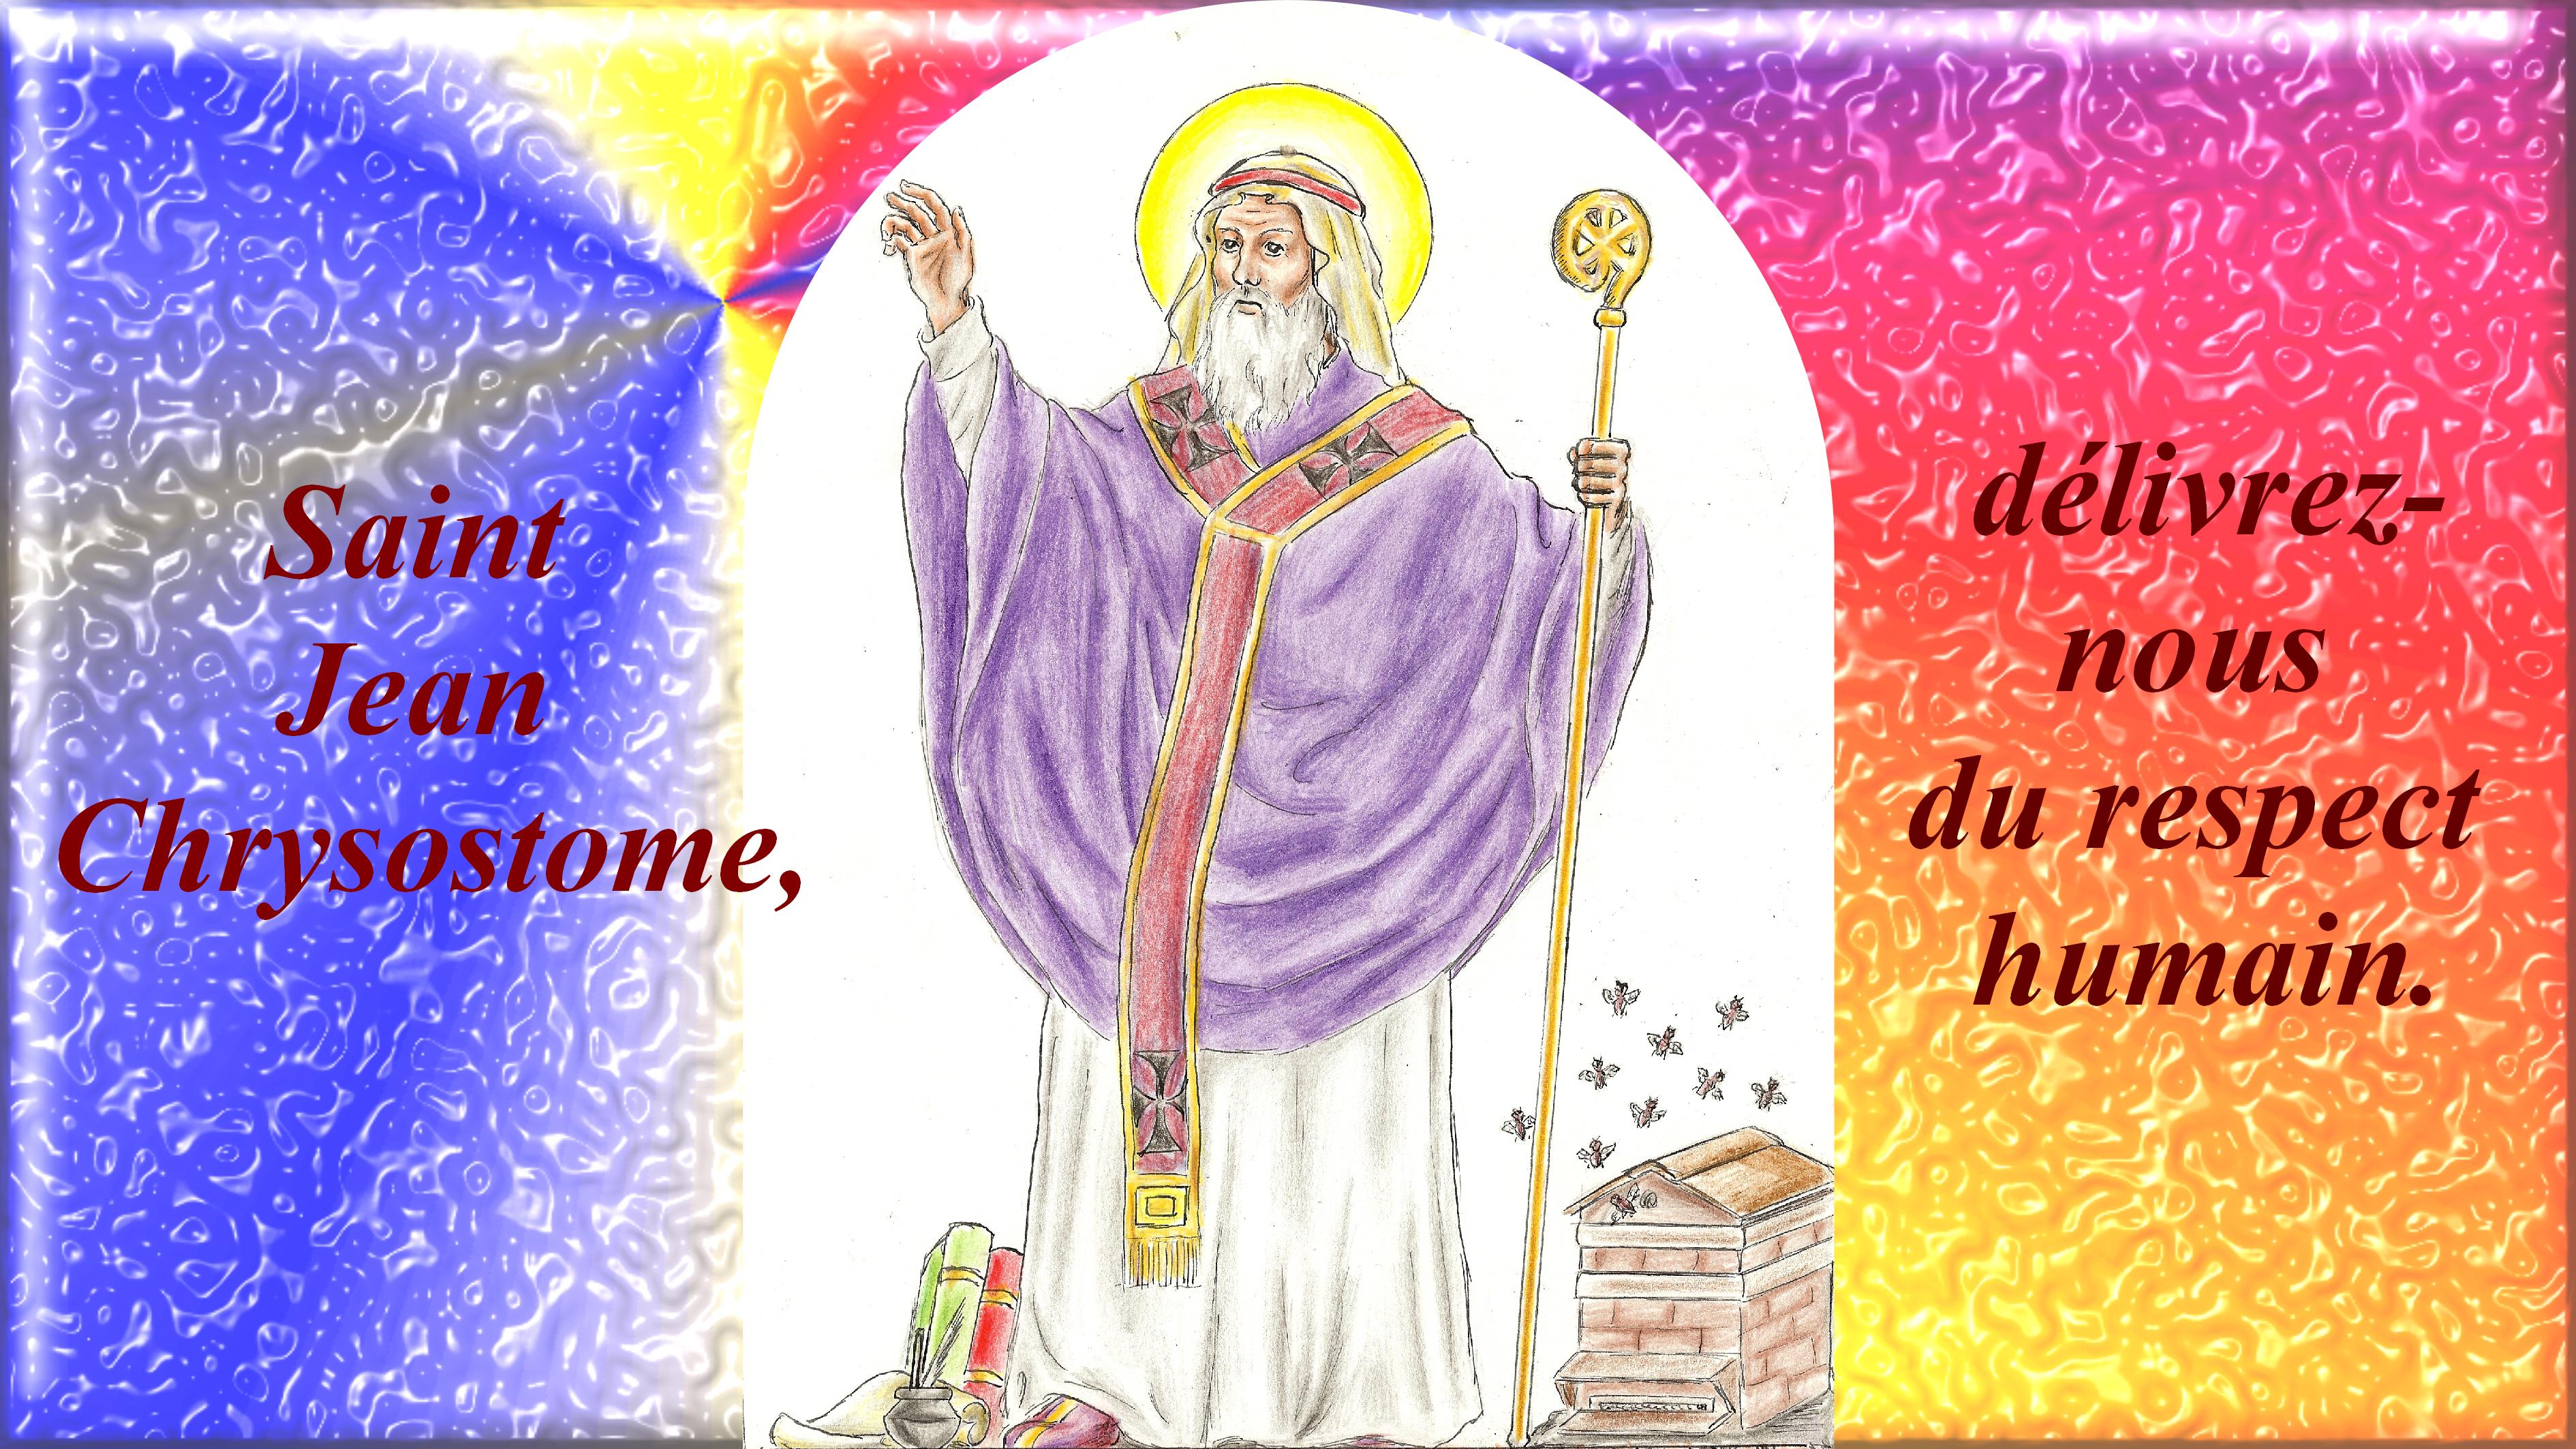 CALENDRIER CATHOLIQUE 2020 (Cantiques, Prières & Images) - Page 3 St-jean-chrysostome-56fd68d